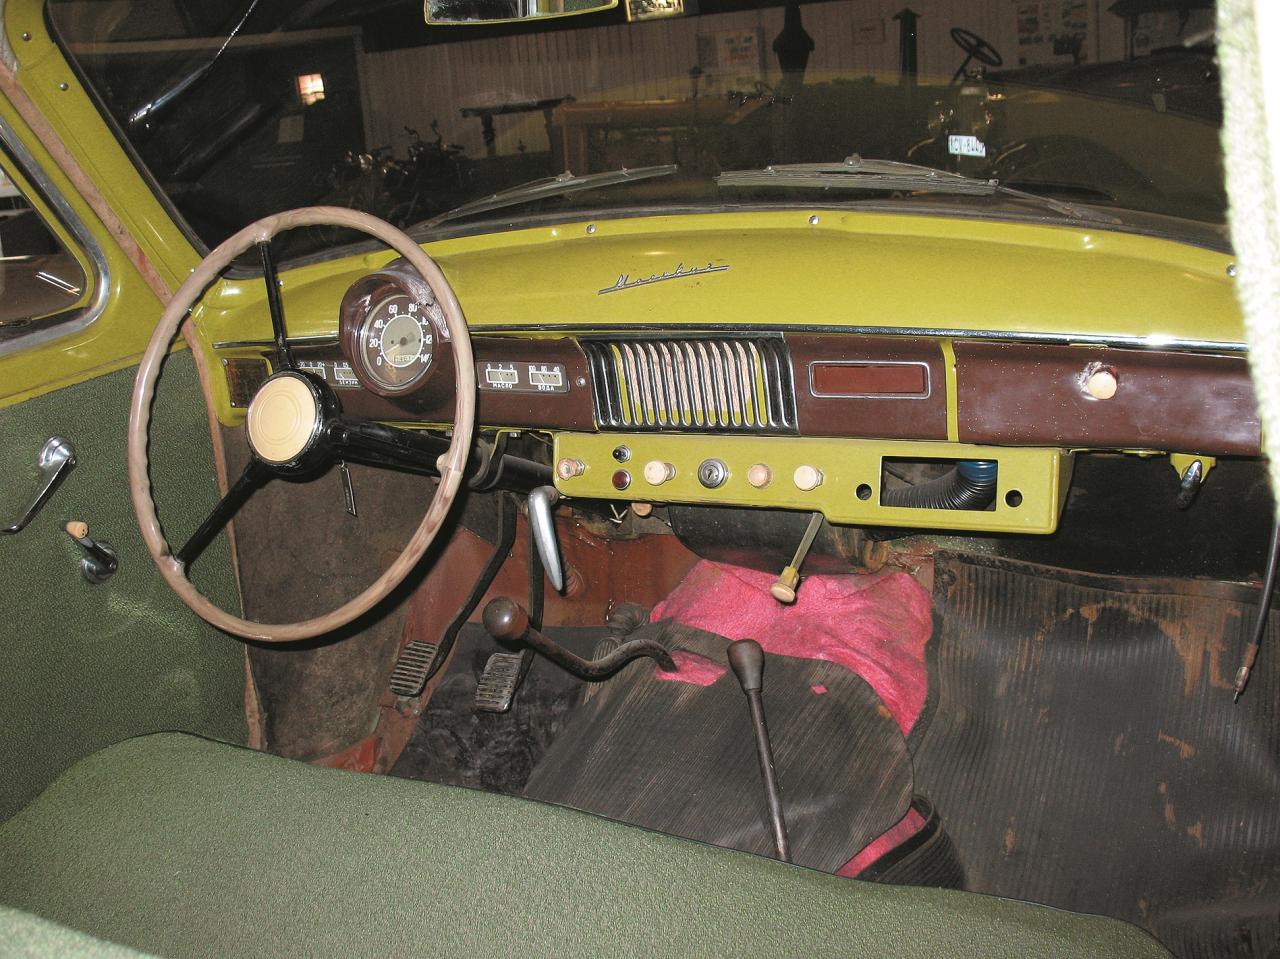 Visi nepieciešamie mērinstrumenti izvietoti vadītāja priekšā. Viens no pirmajiem padomju auto ar sajūga un bremžu pedāļiem, kas iekārti no augšas.